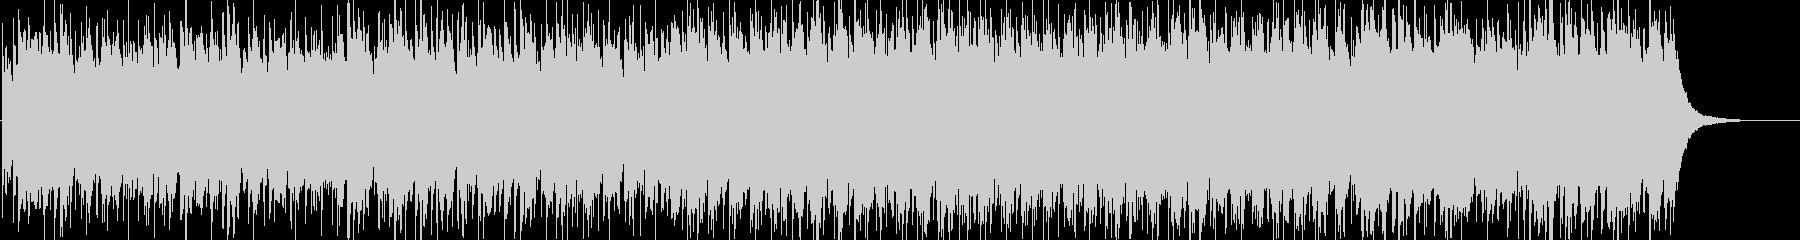 琴とクワイアの不思議な和風曲の未再生の波形